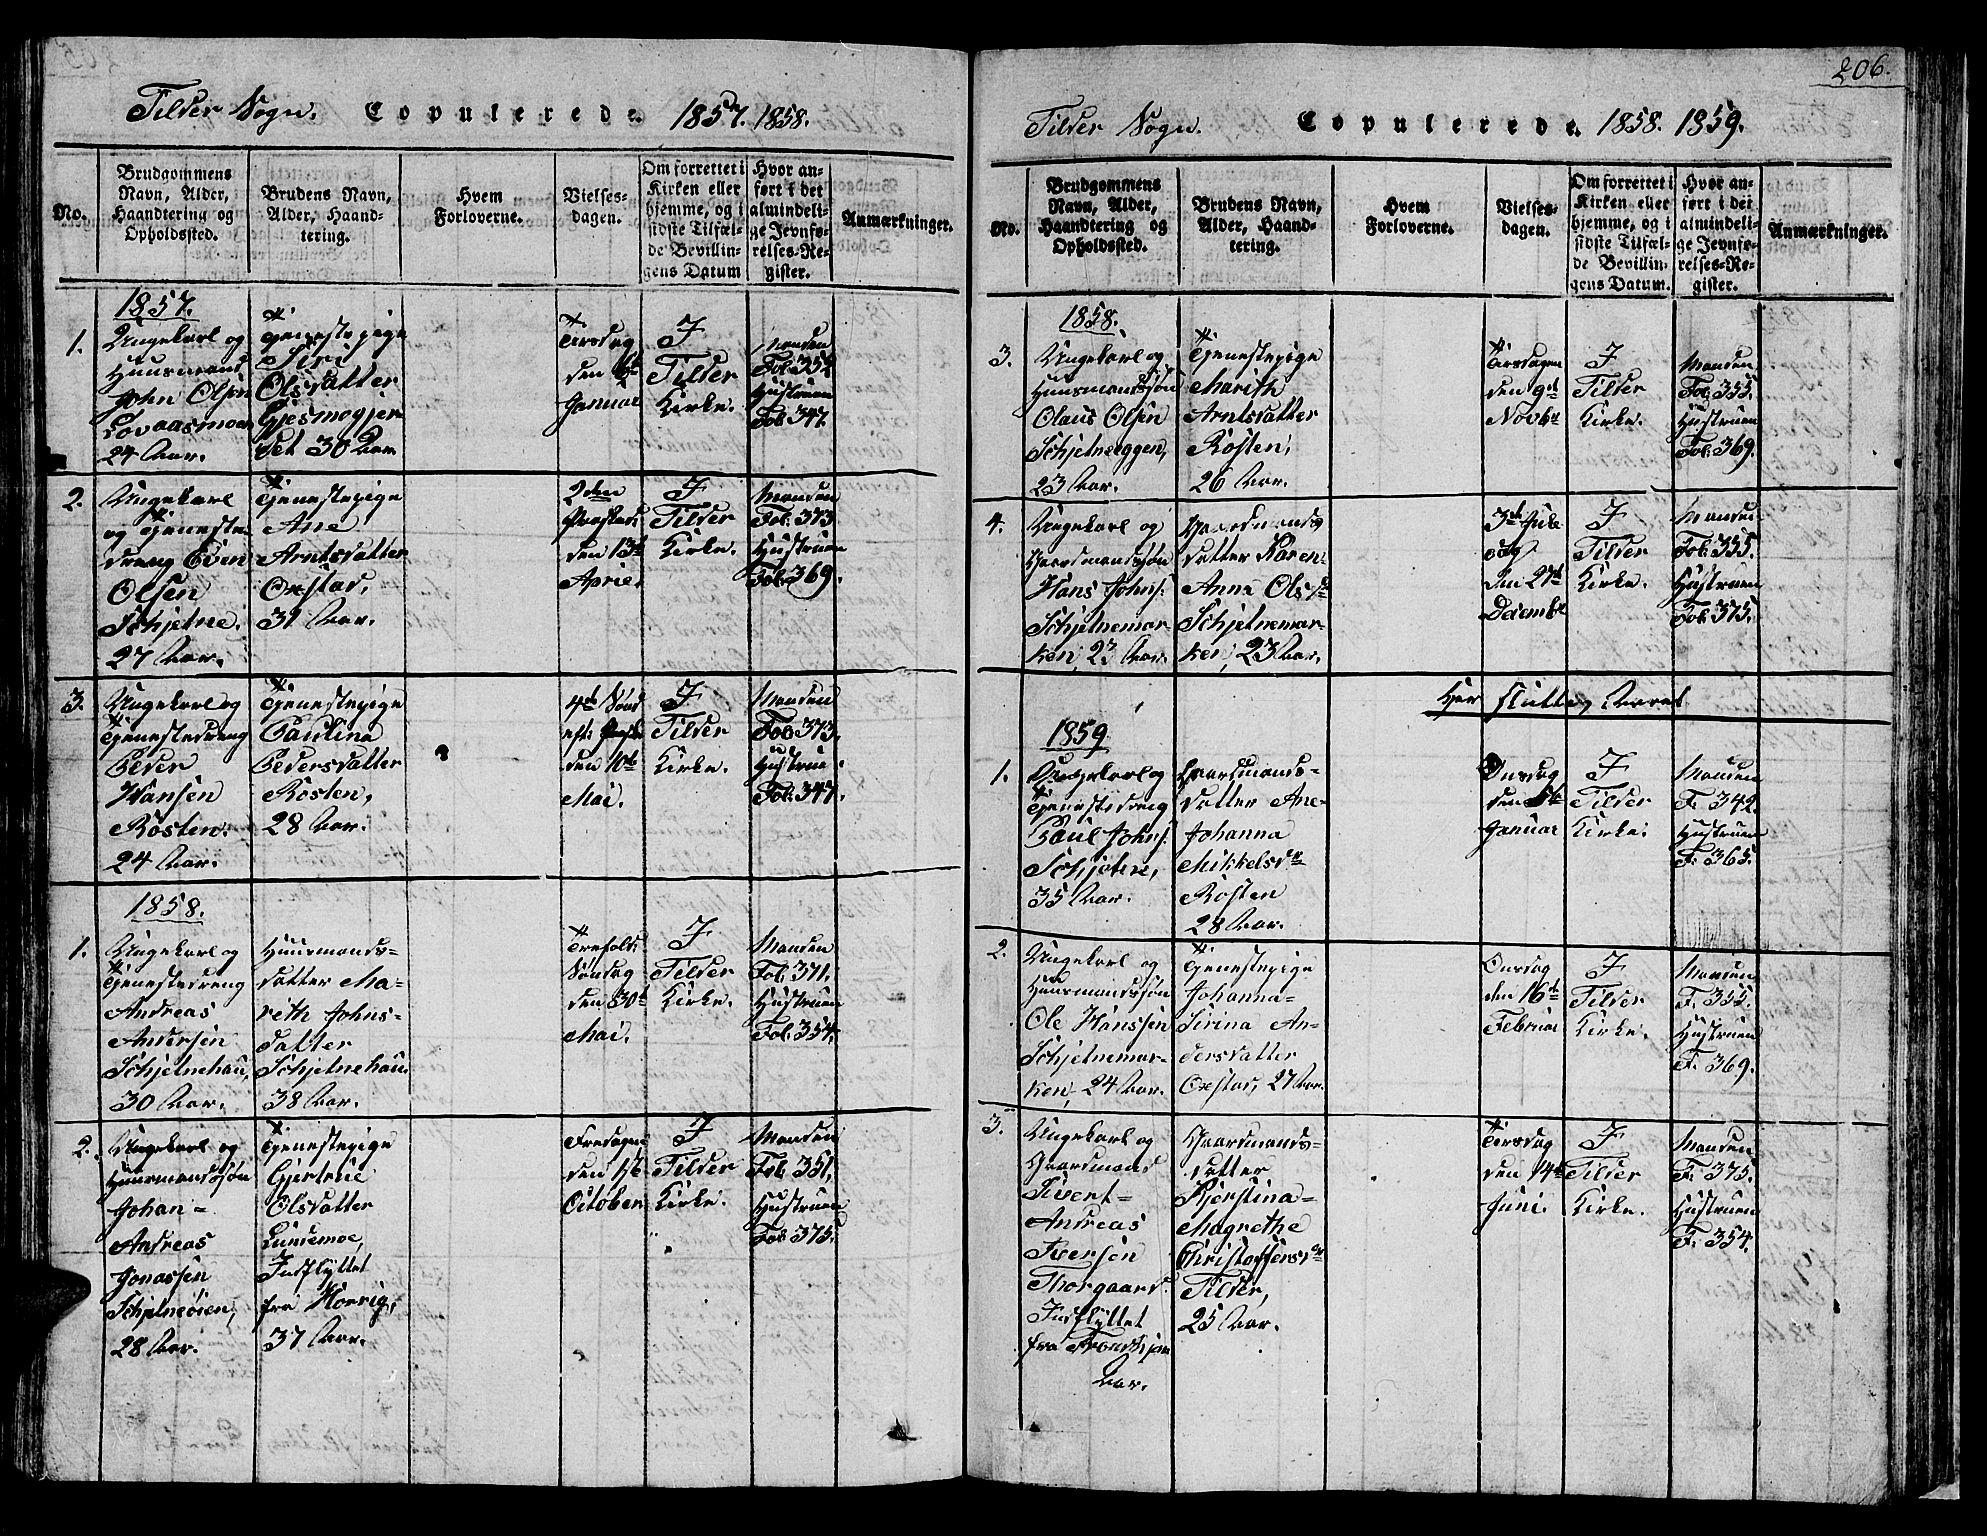 SAT, Ministerialprotokoller, klokkerbøker og fødselsregistre - Sør-Trøndelag, 621/L0458: Klokkerbok nr. 621C01, 1816-1865, s. 206